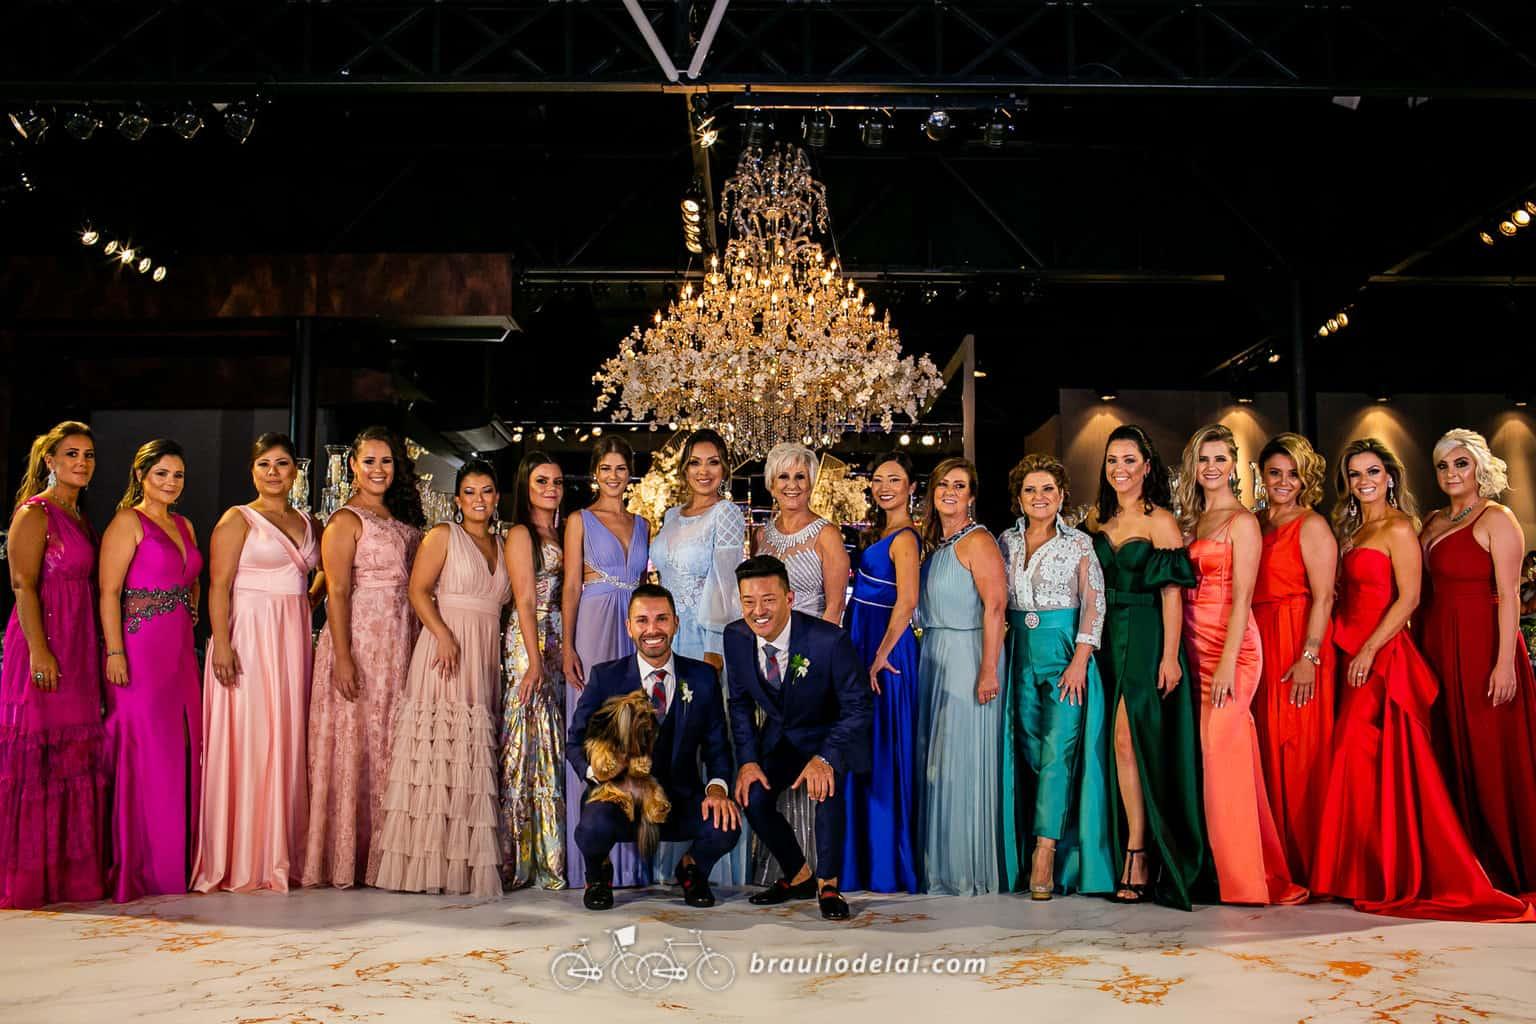 Casamento-Jhonatan-e-Rodrigo-Fotografia-Braulio-Delai-CerimôniaPhoto_0455